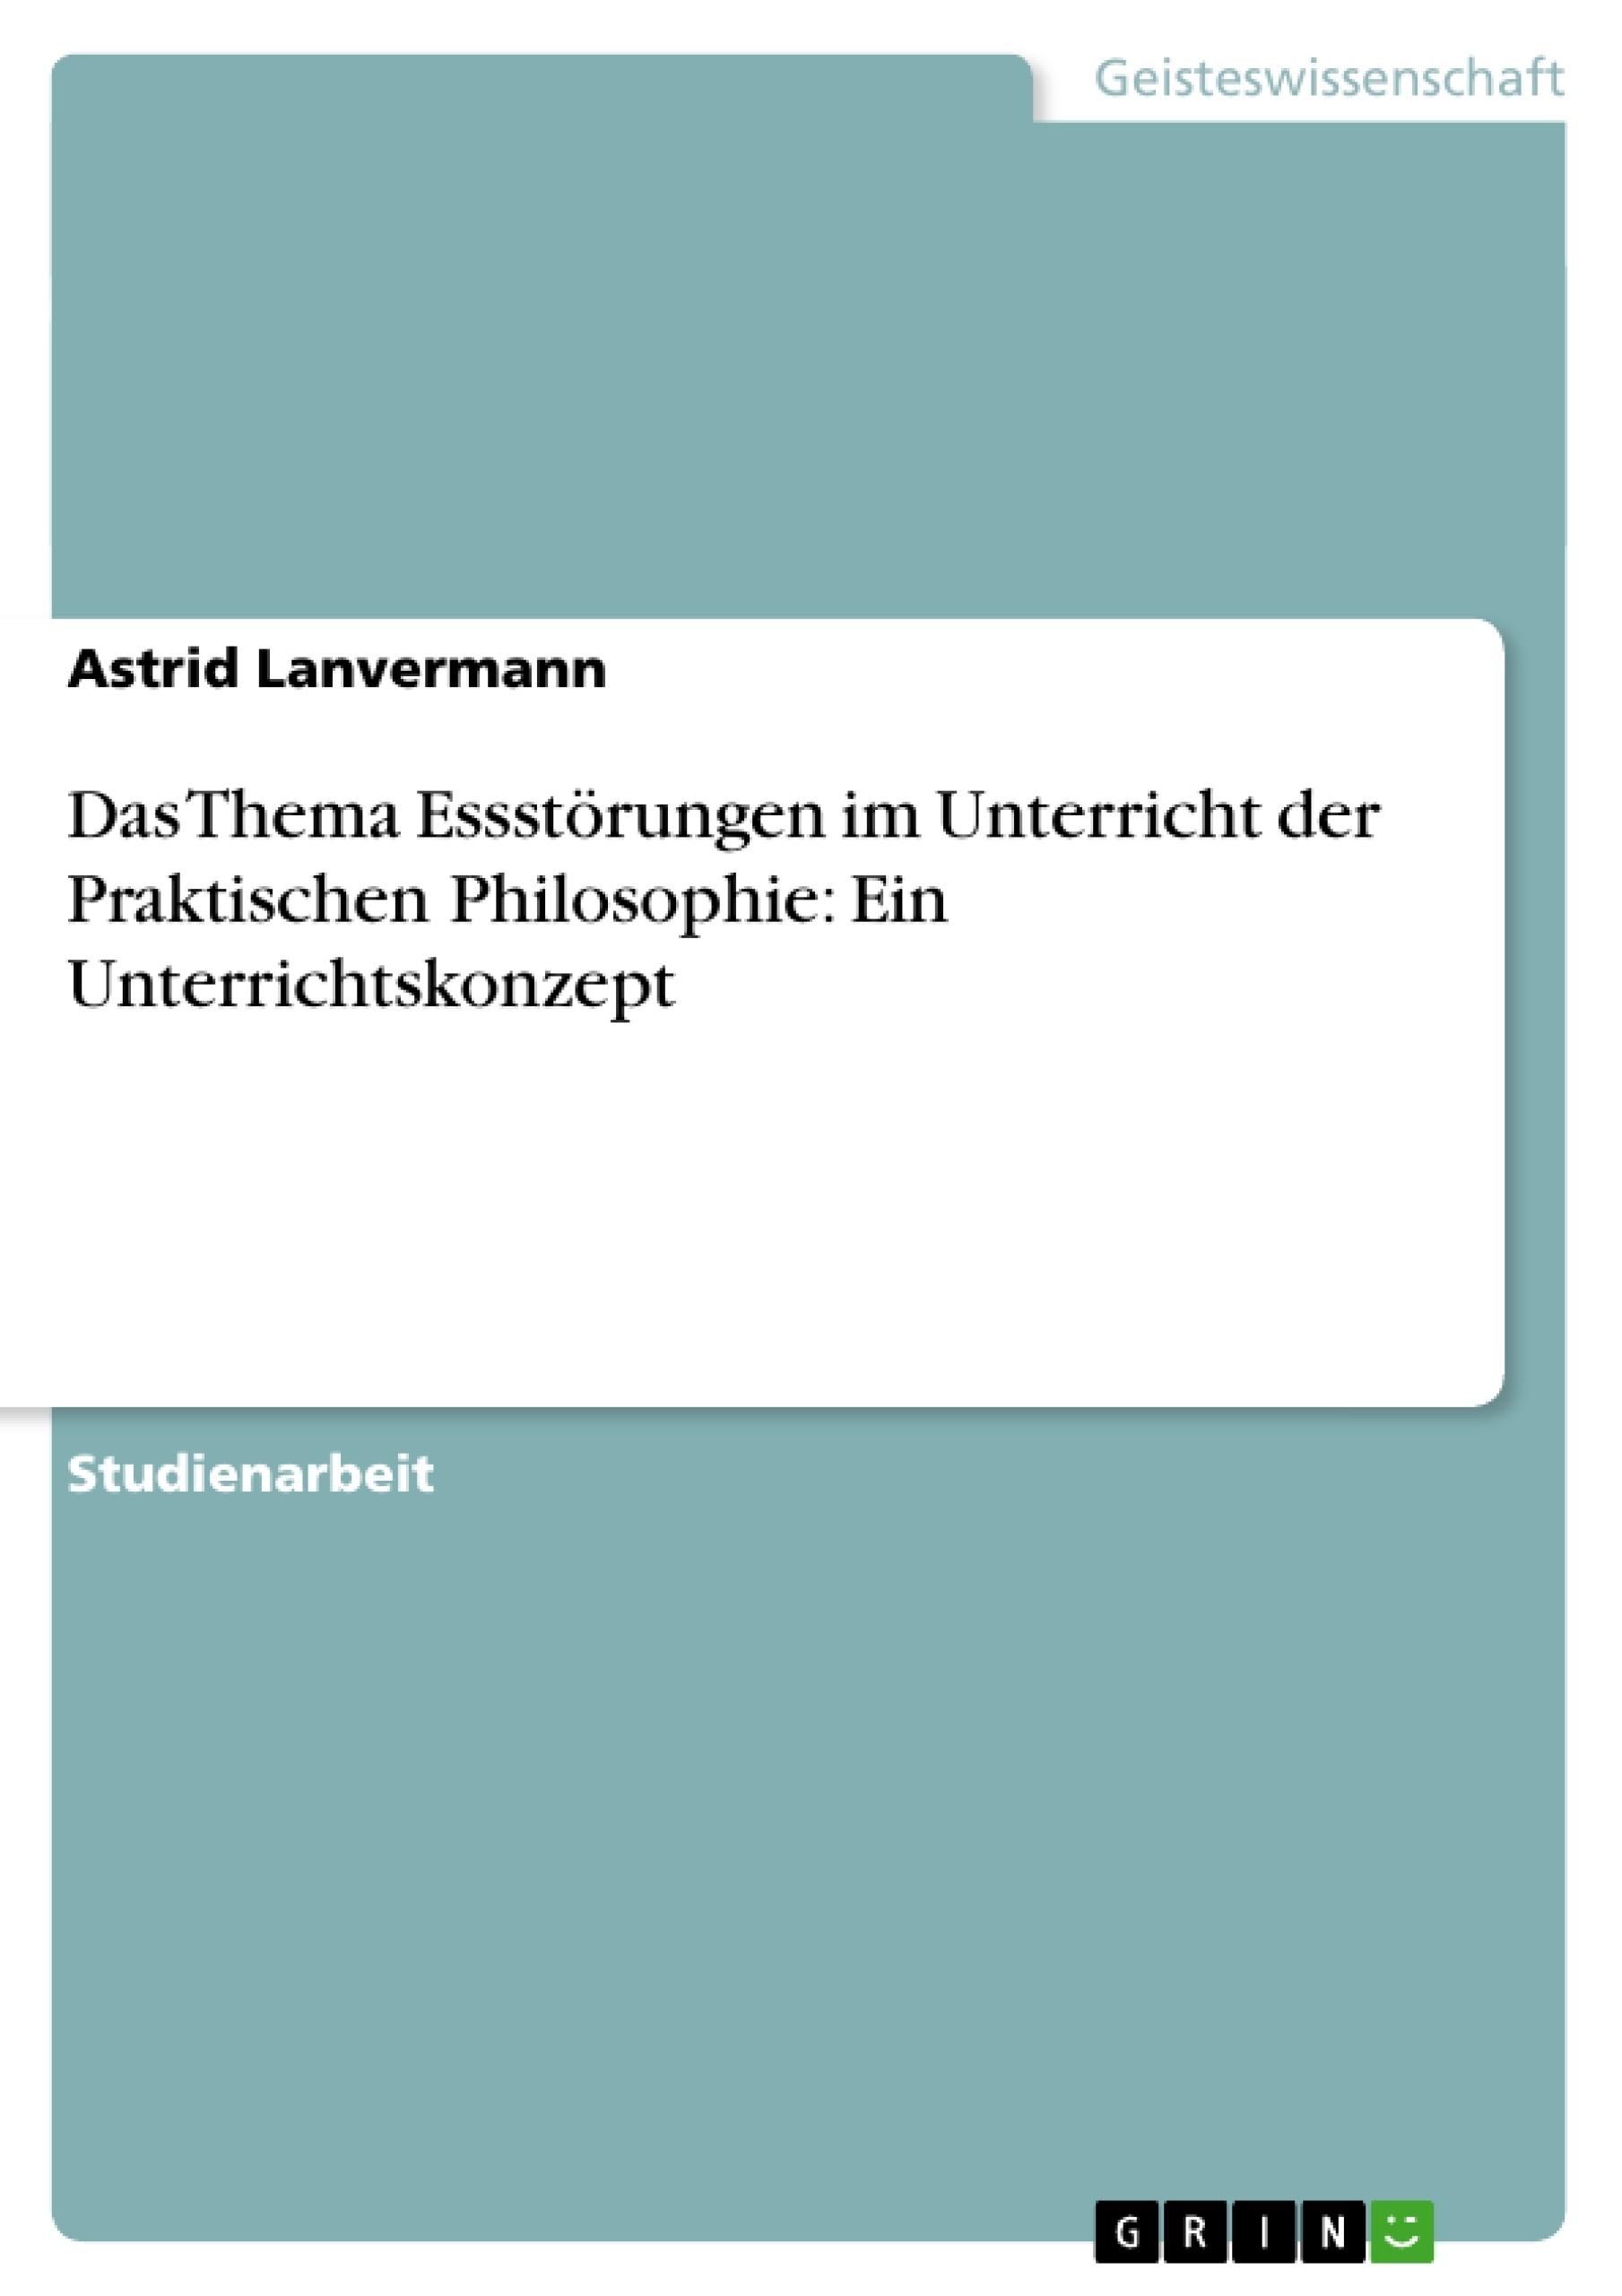 Titel: Das Thema Essstörungen im Unterricht der Praktischen Philosophie: Ein Unterrichtskonzept